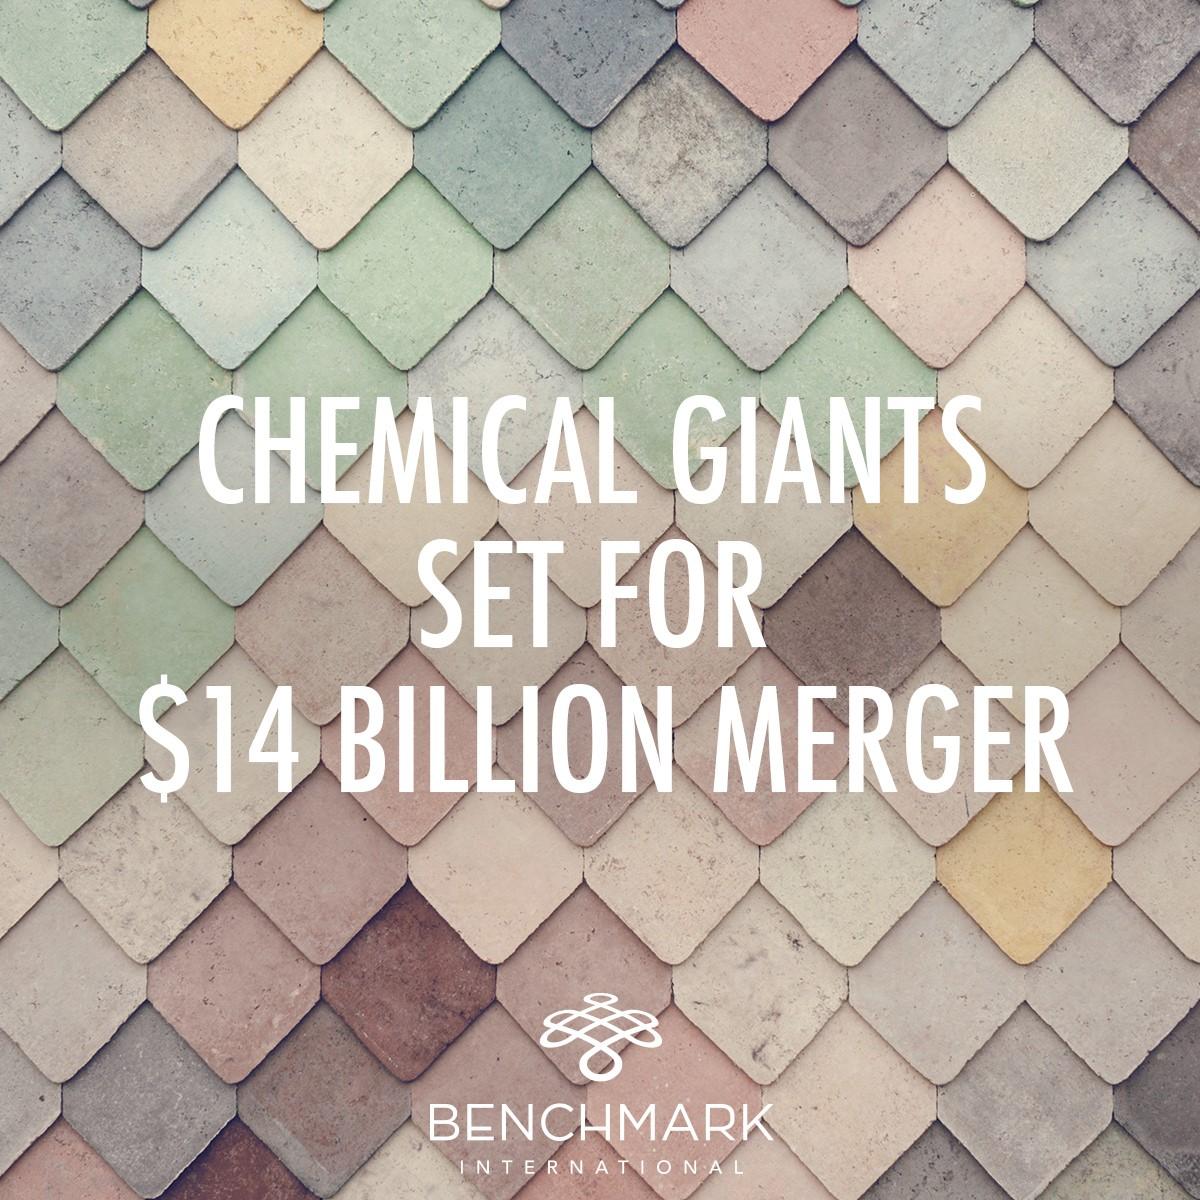 Chemical Giants Set For $14 billion Merger